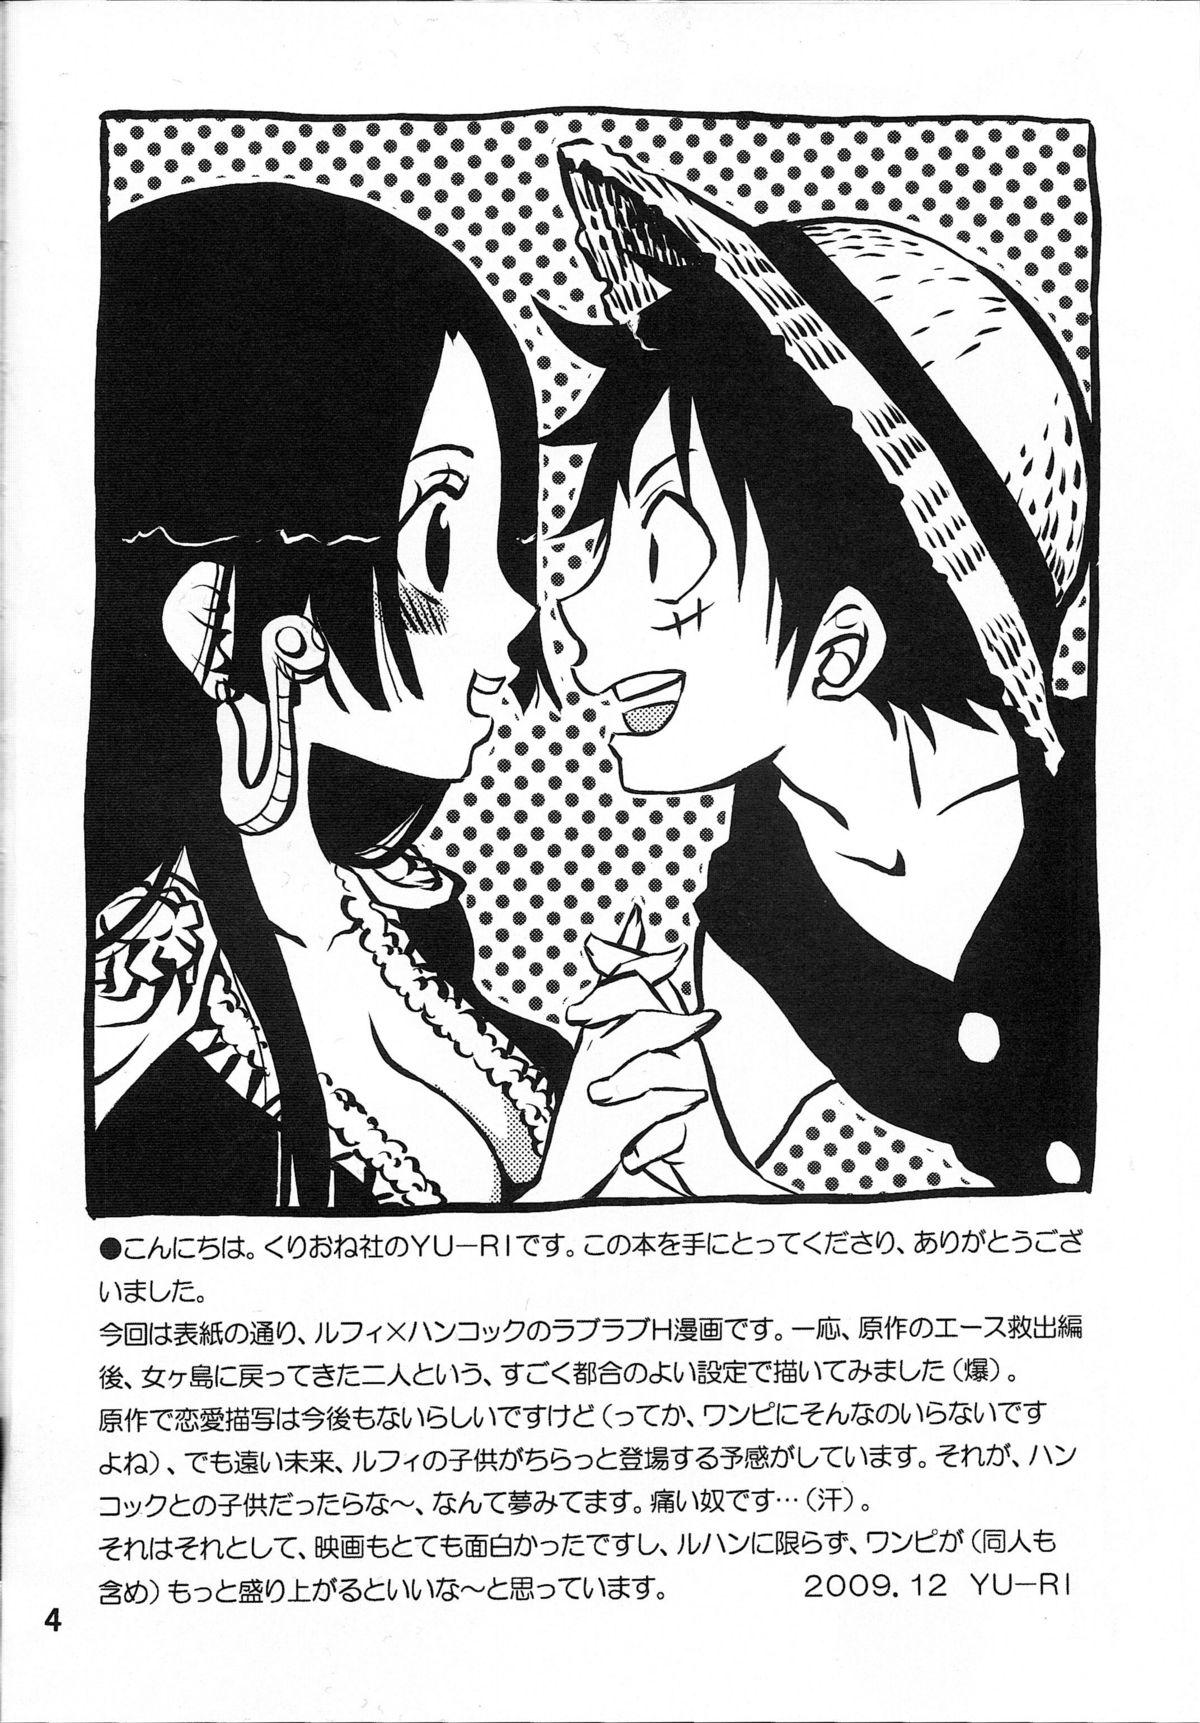 Heart_Blossom_03.jpg